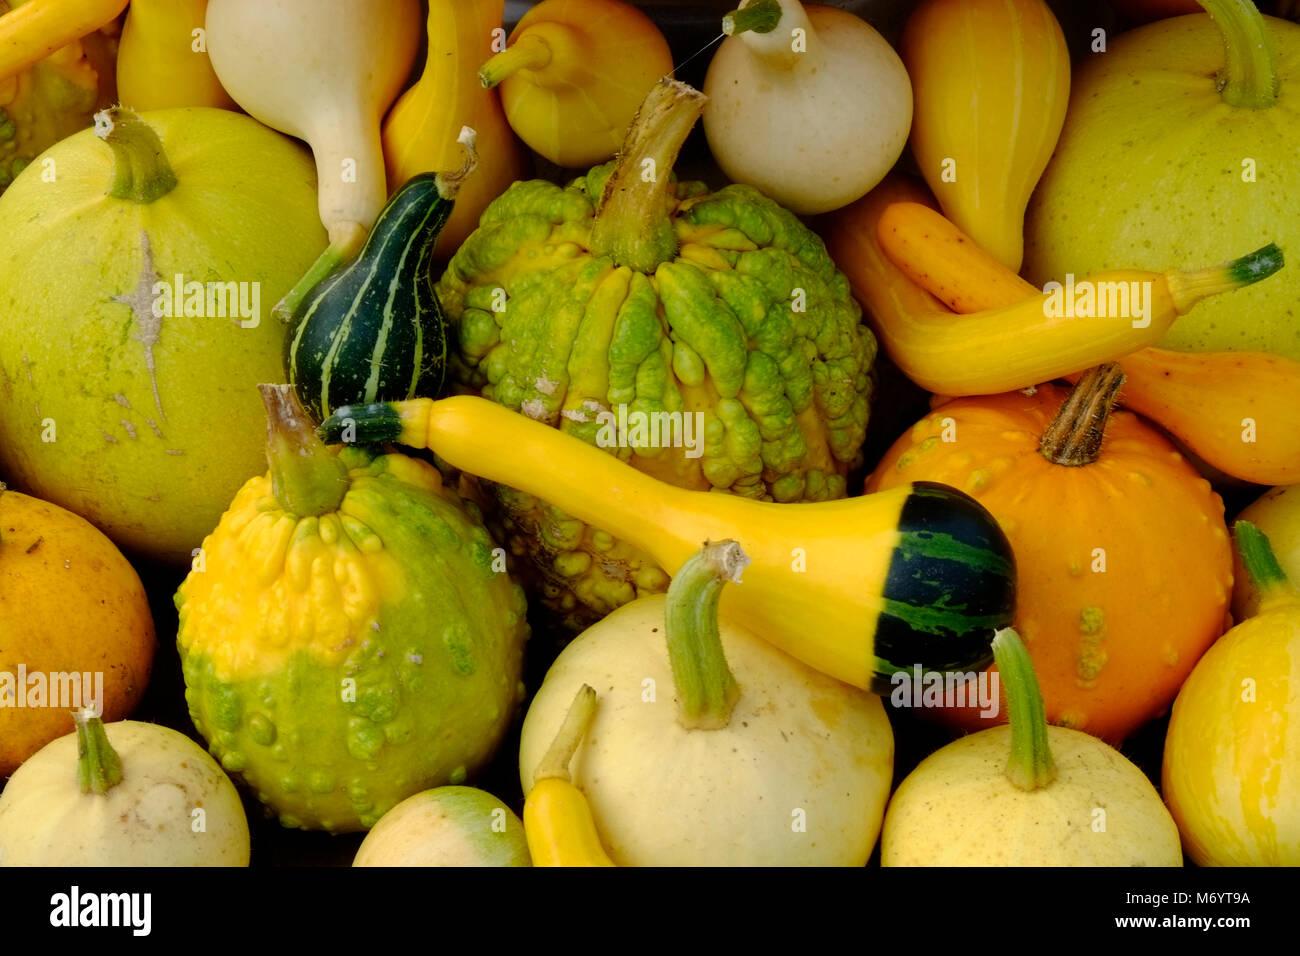 Essiccazione Zucca Di Halloween.Decorative Gourds Immagini Decorative Gourds Fotos Stock Alamy